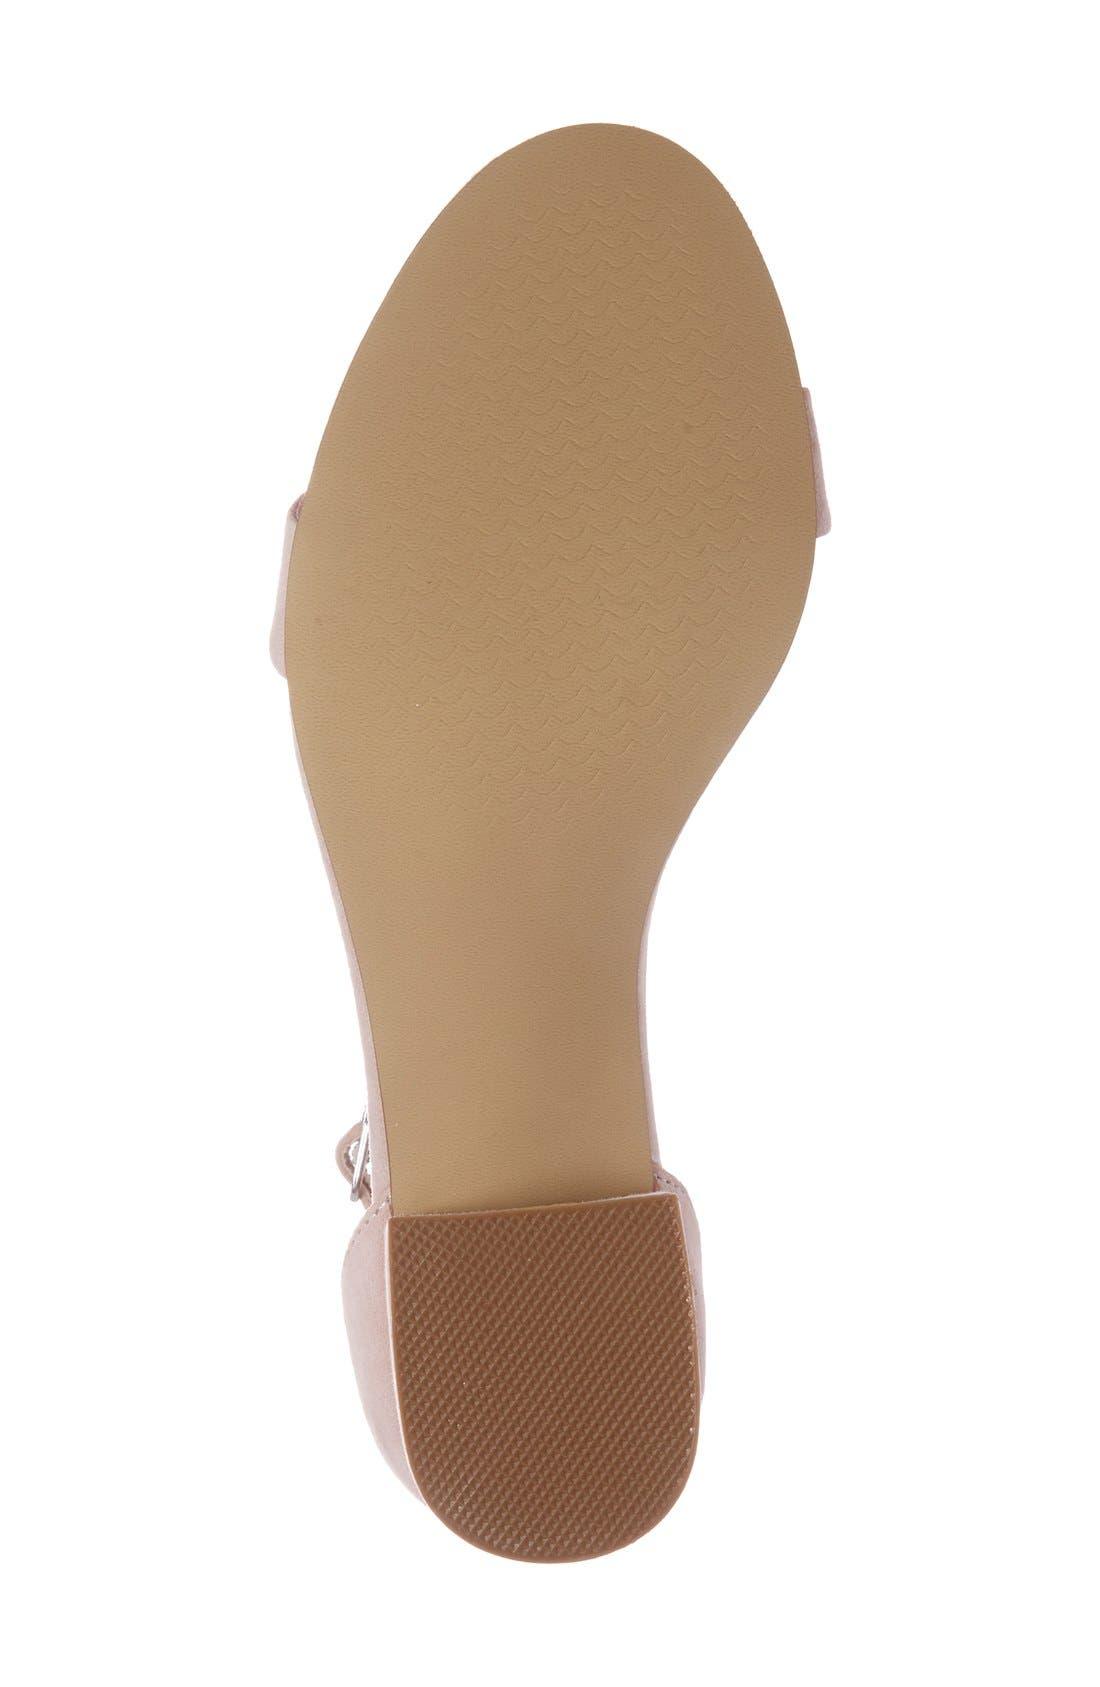 Irenee Ankle Strap Sandal,                             Alternate thumbnail 112, color,